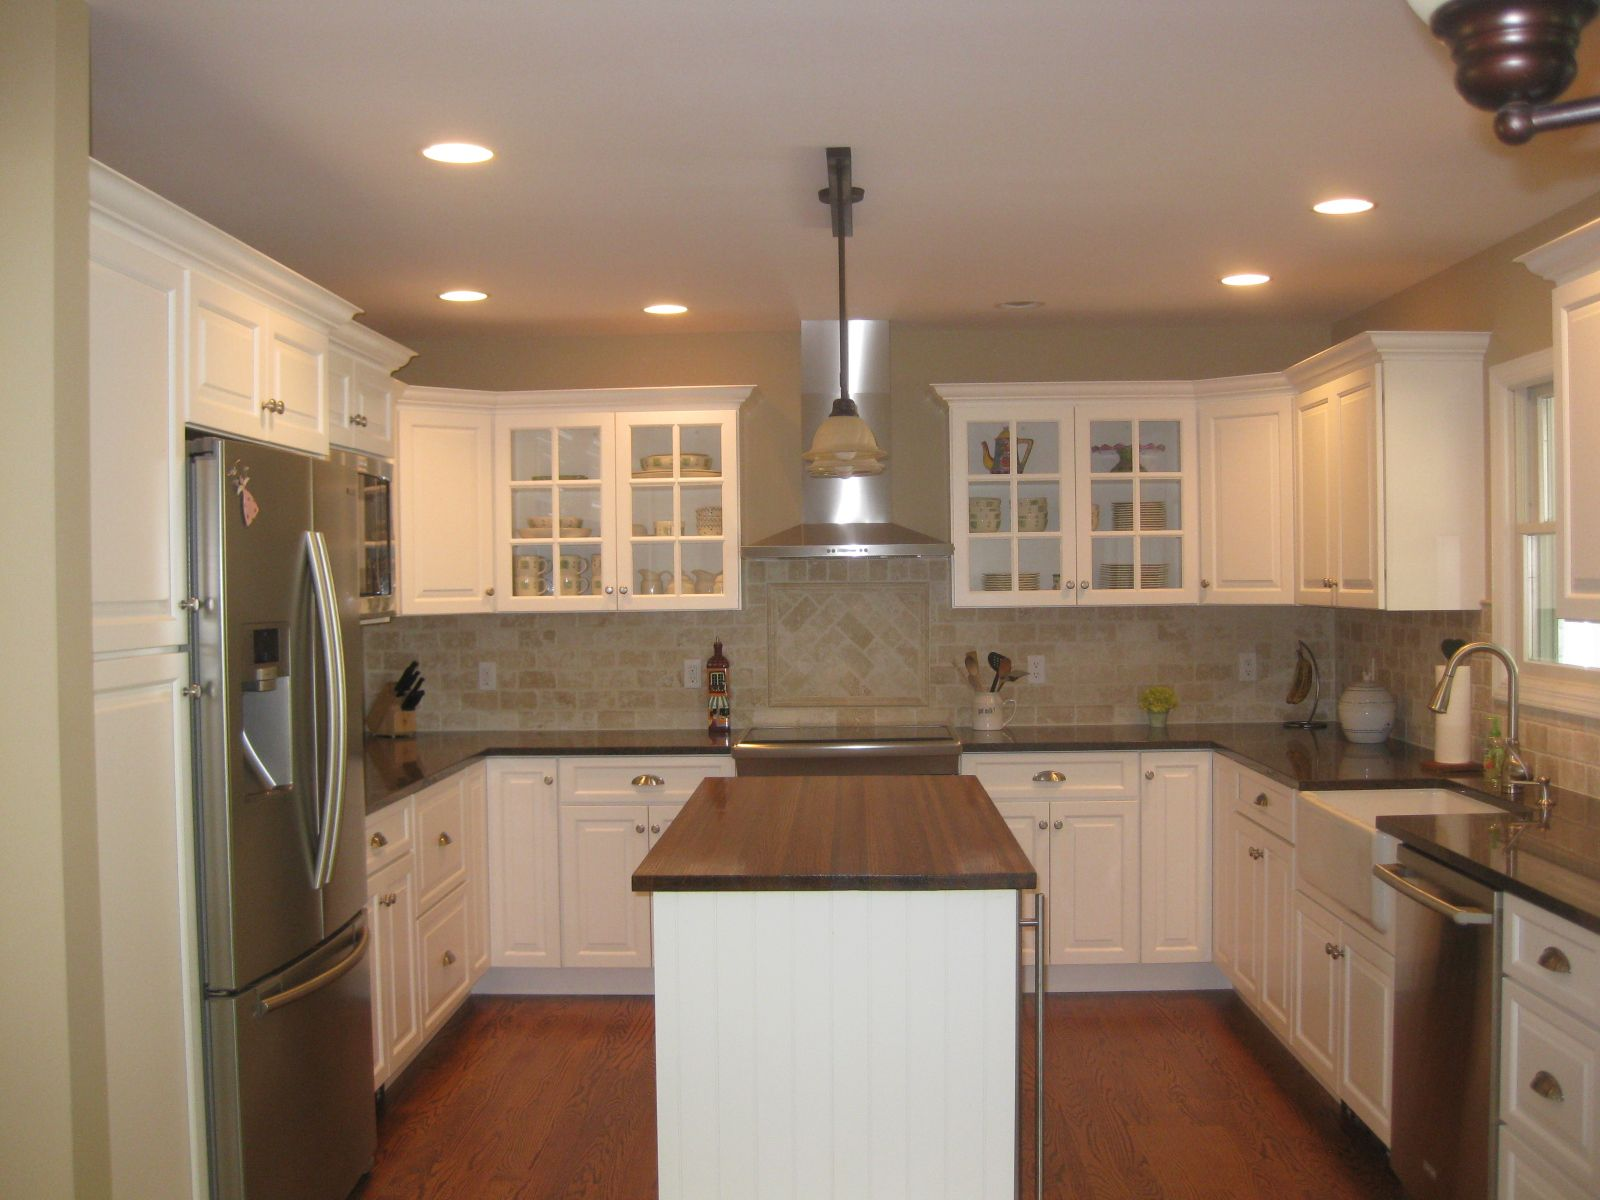 u shaped kitchen layout with island u shaped kitchen layout YFSQGBM